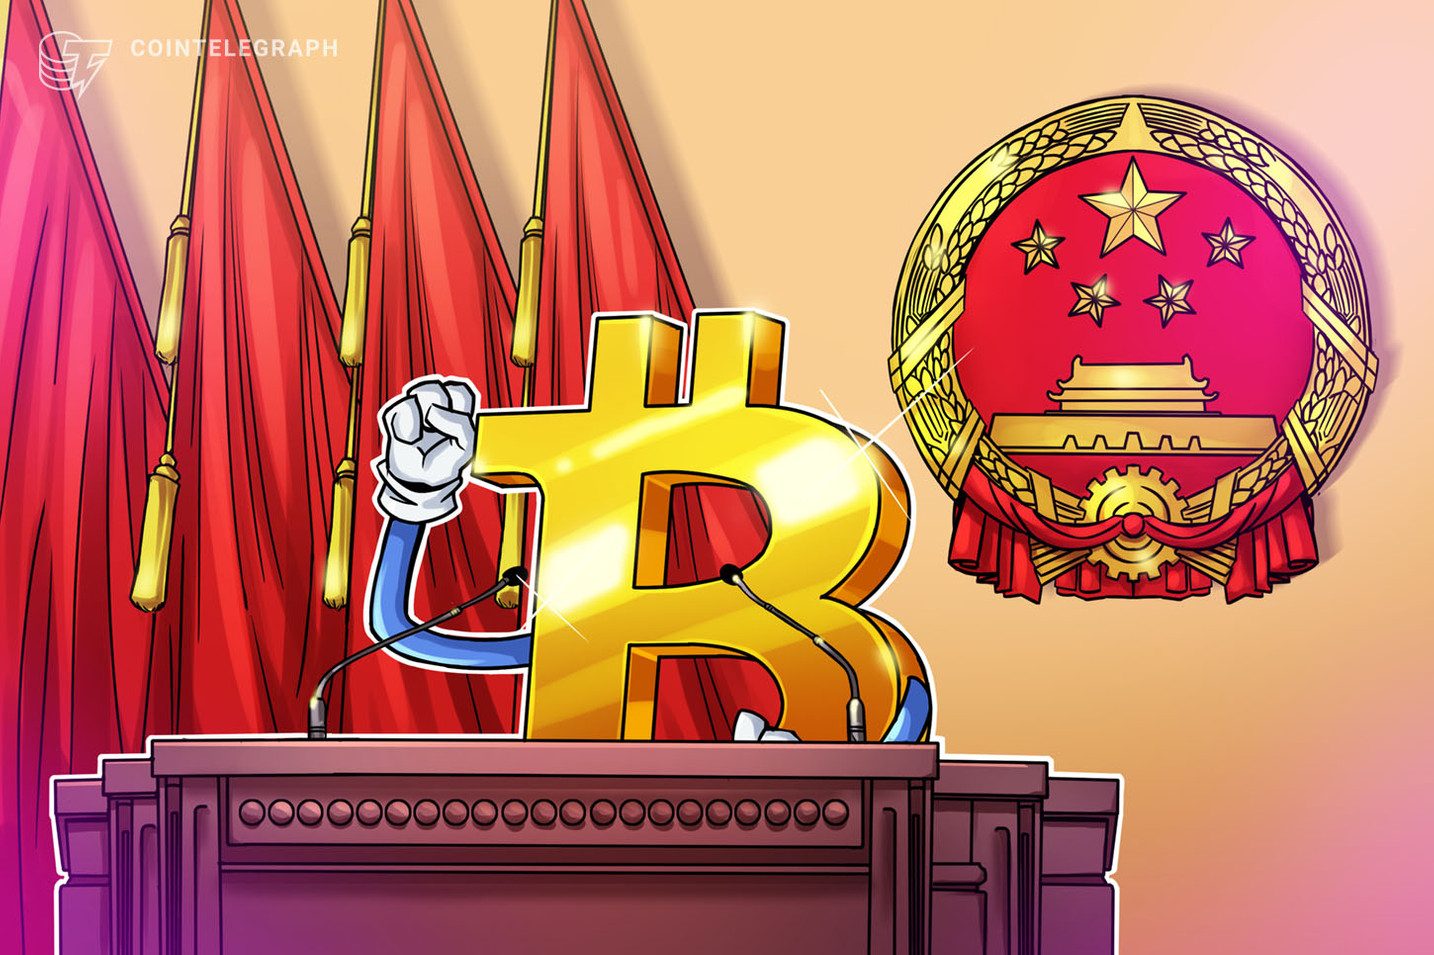 China demuestra que Bitcoin es una máquina imparable, dice el fundador de Bitcoin Center